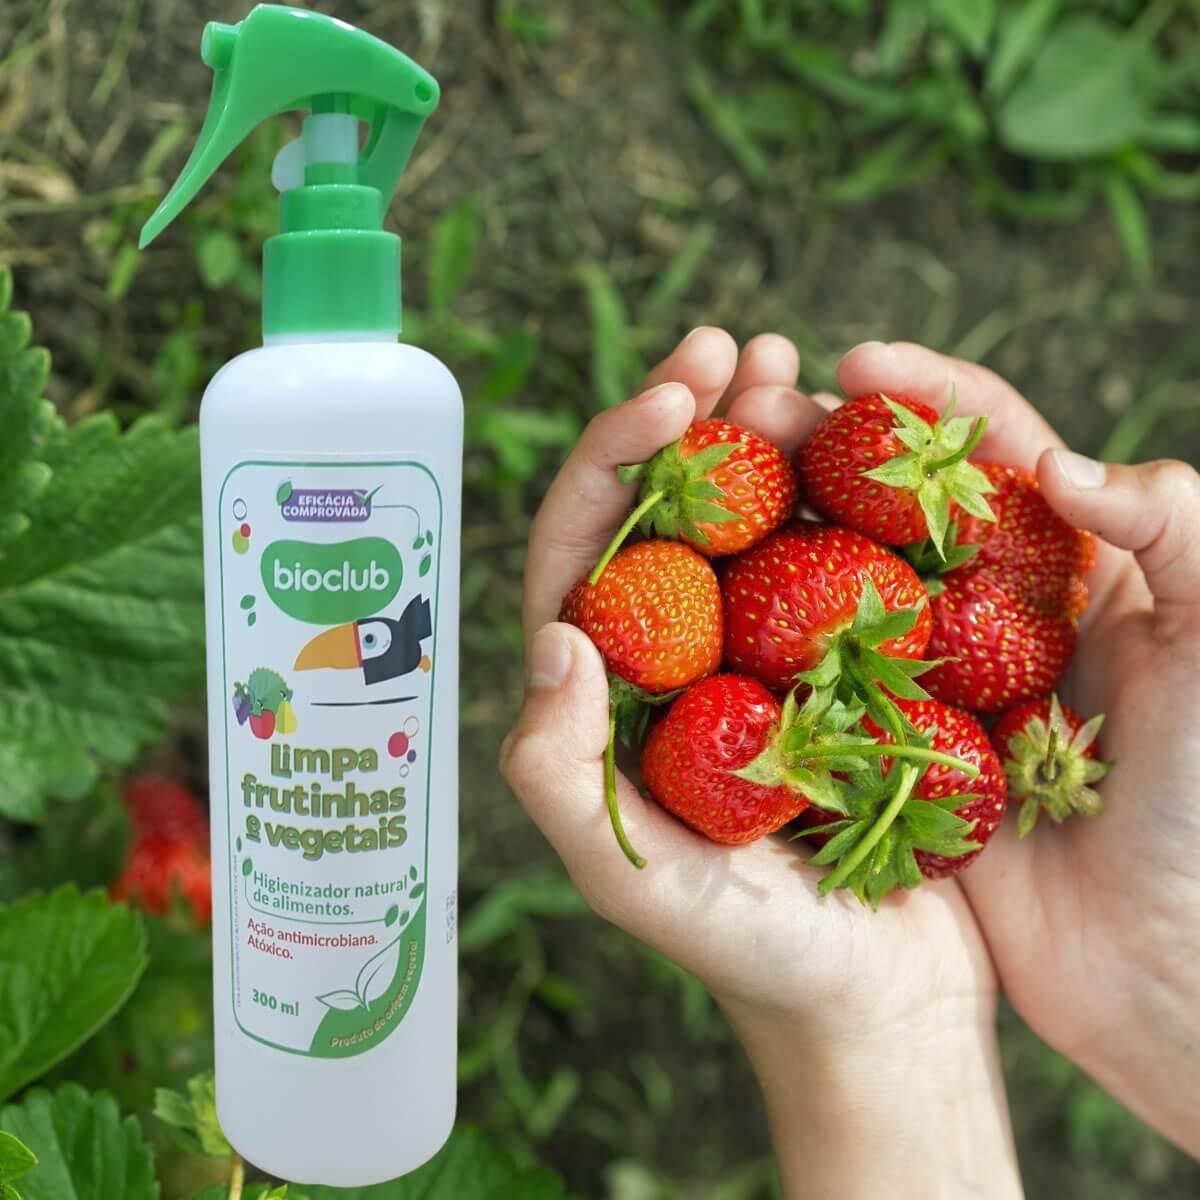 Limpa Frutinhas e Vegetais Orgânico Bioclub 300ml